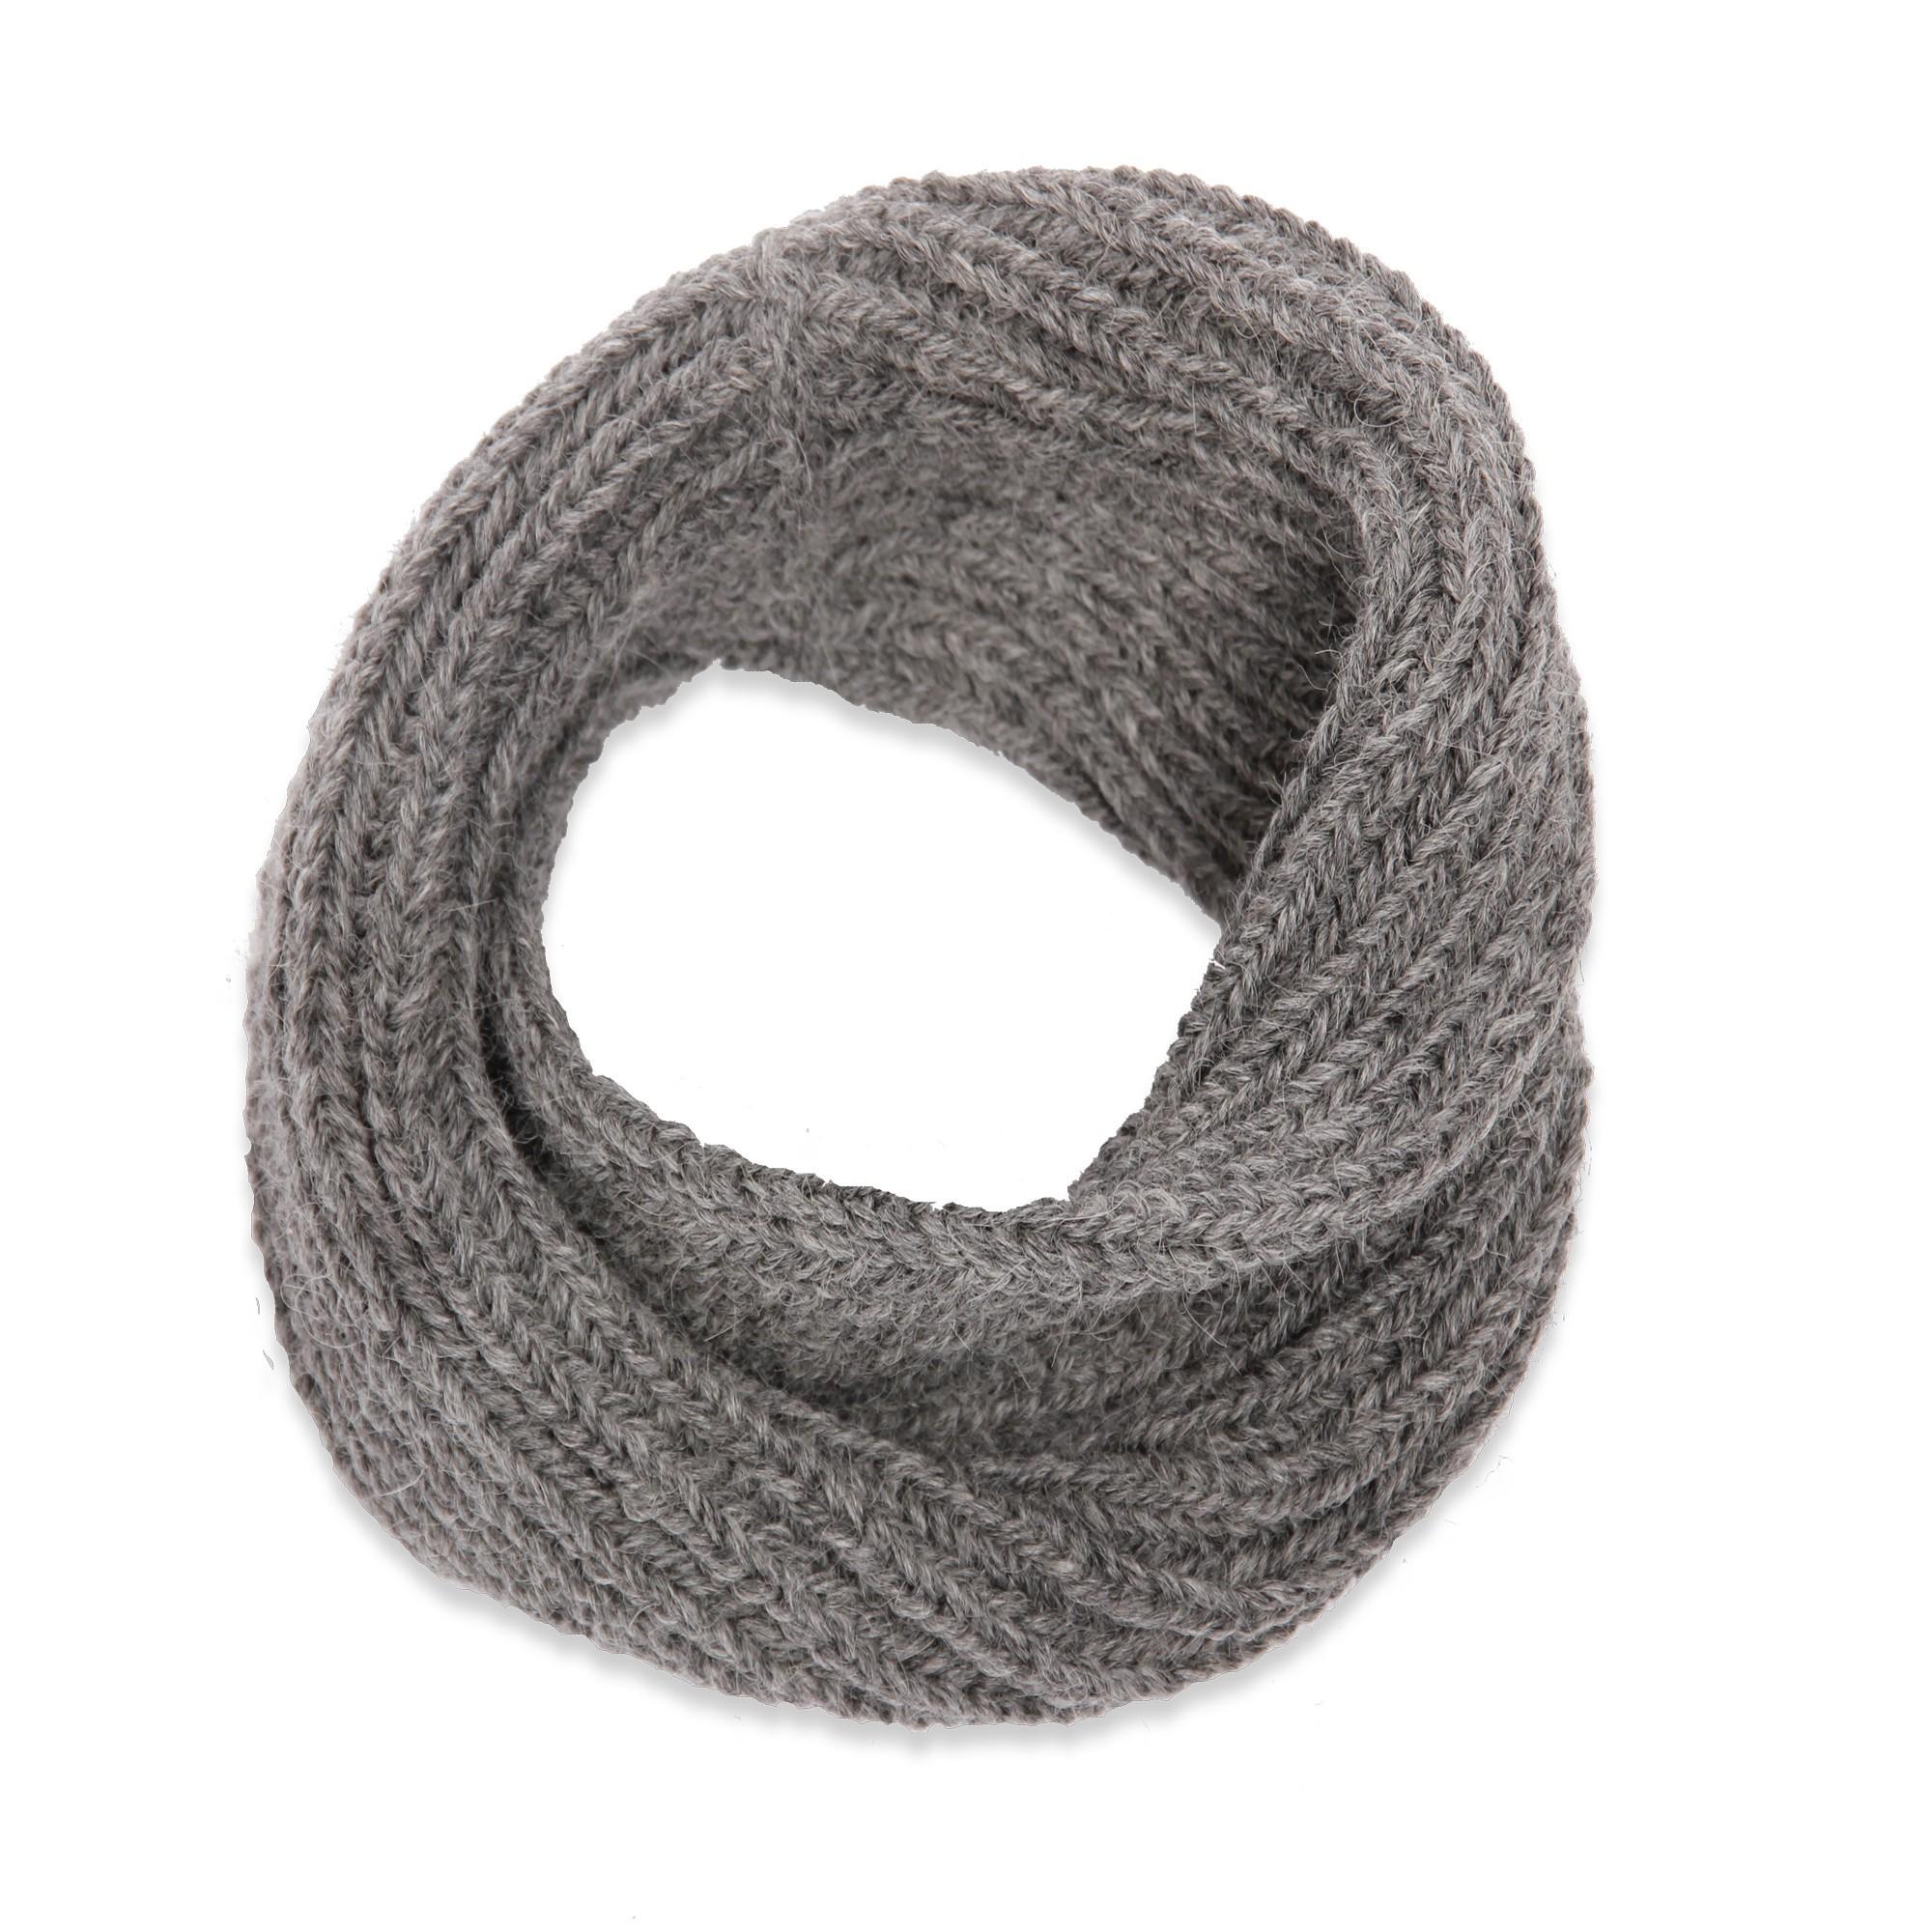 charpe snood col enfant gris tricot en laine et alpaga doux et chaud. Black Bedroom Furniture Sets. Home Design Ideas